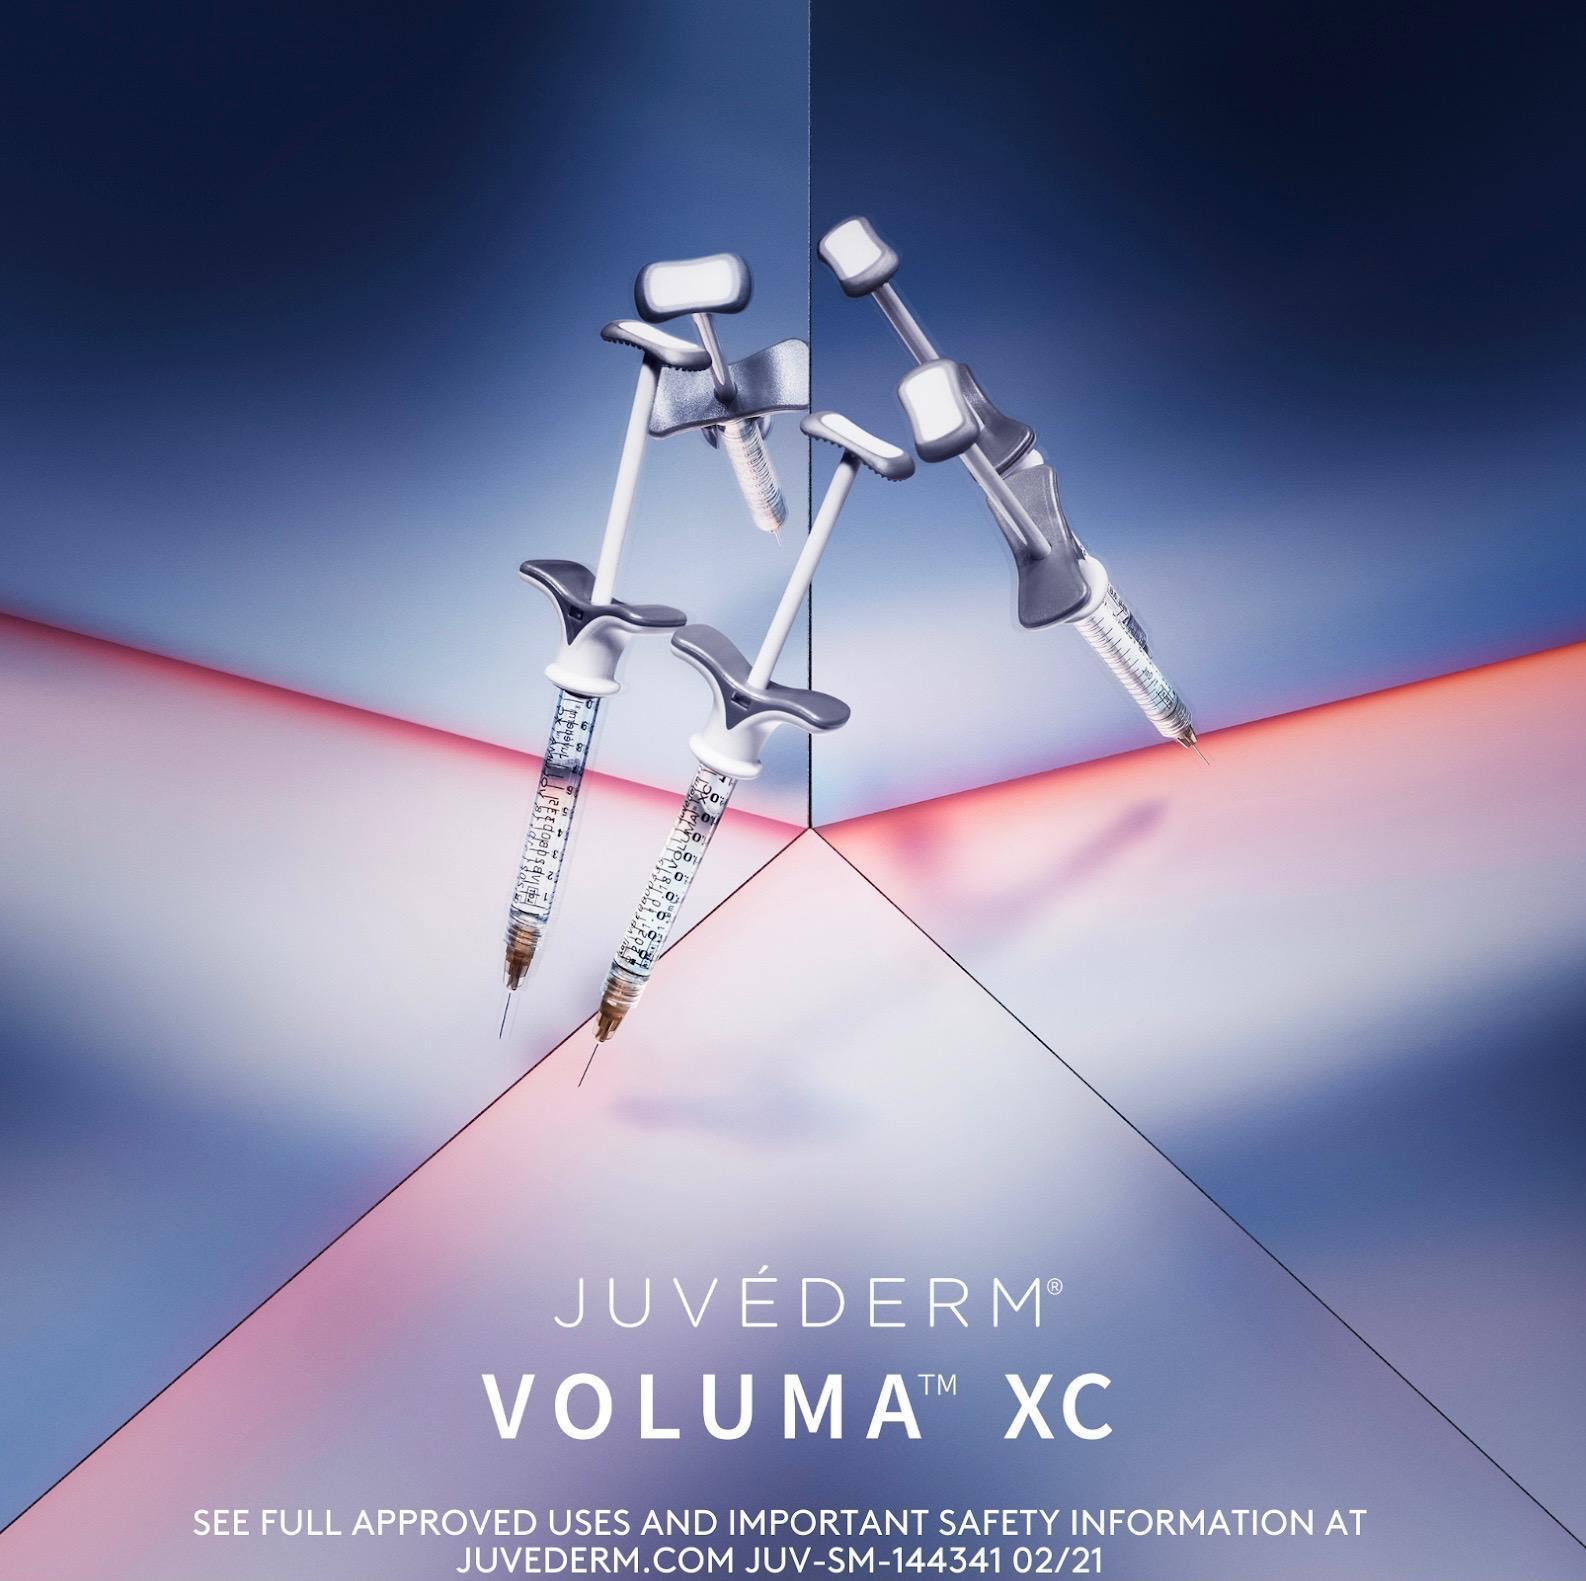 Juvederm XV Voluma